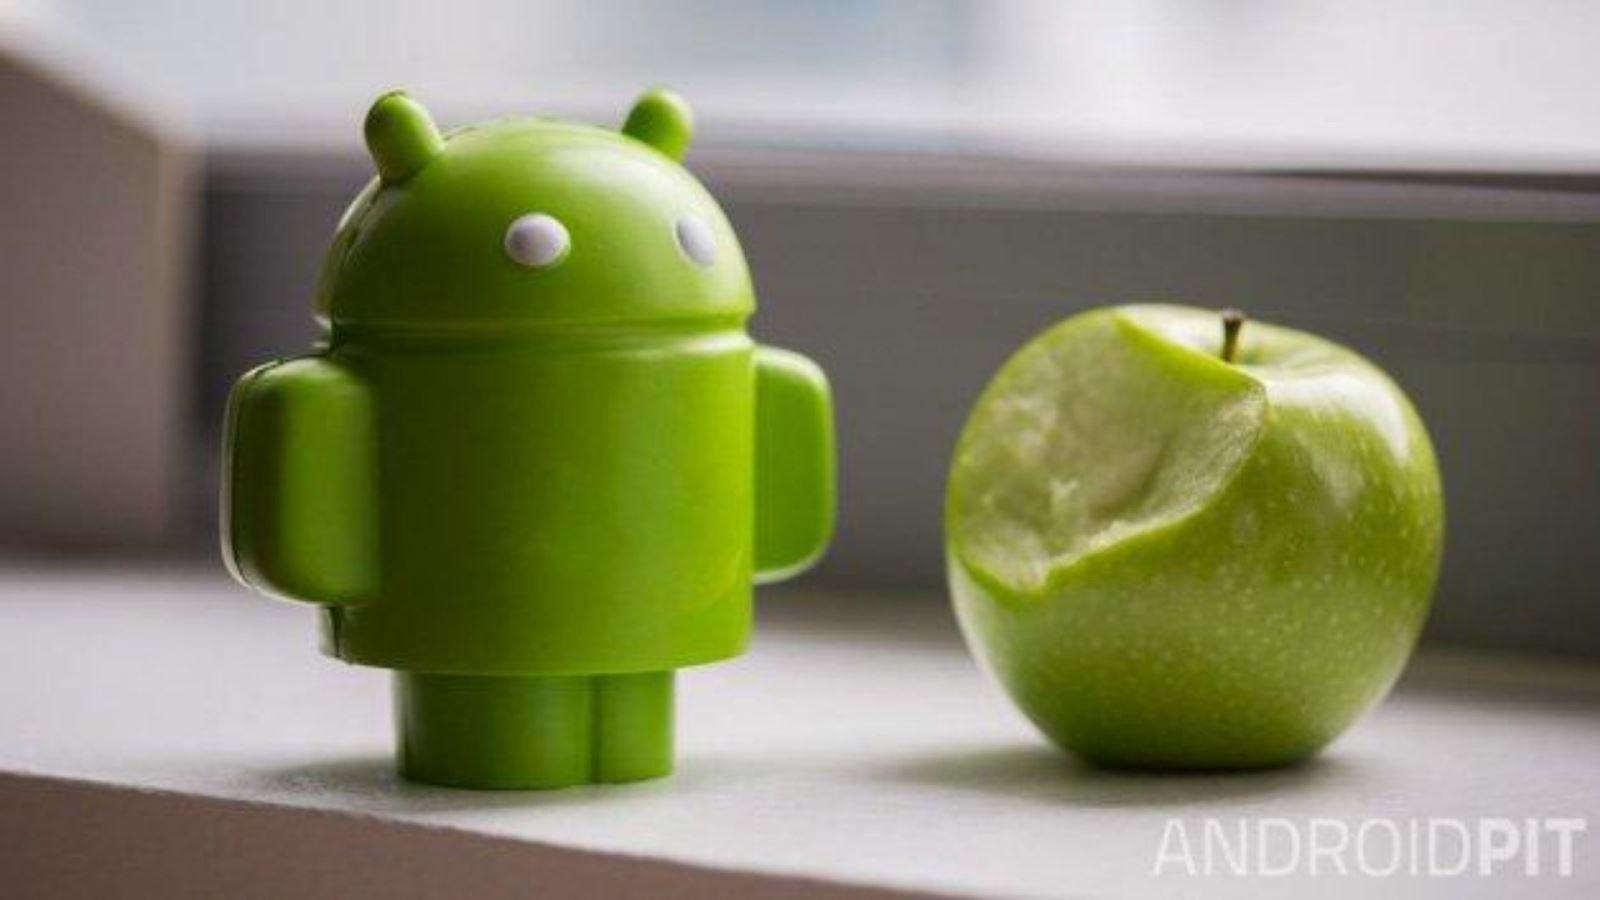 Tại sao mọi người lại lựa chọn iPhone thay vì Android? 1